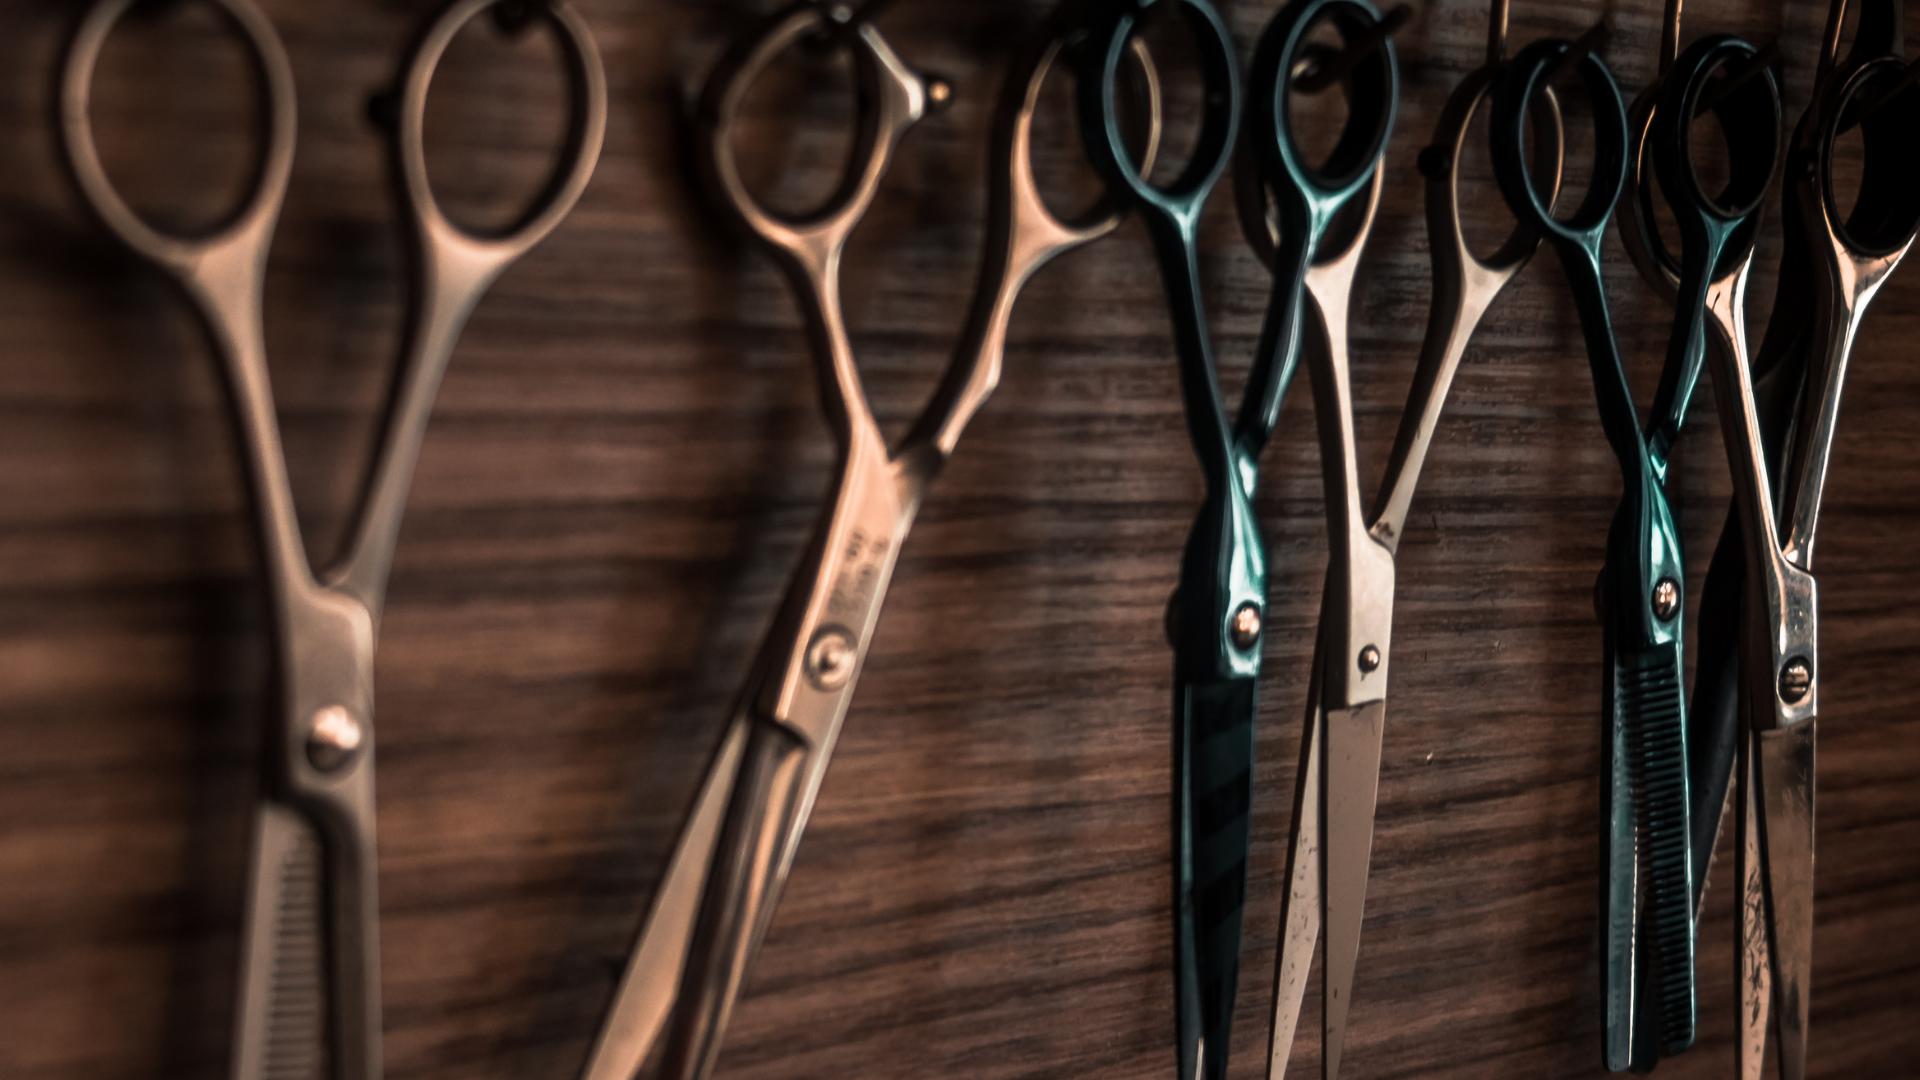 La próxima tendencia para el pelo que triunfará en 2021: el corte shag